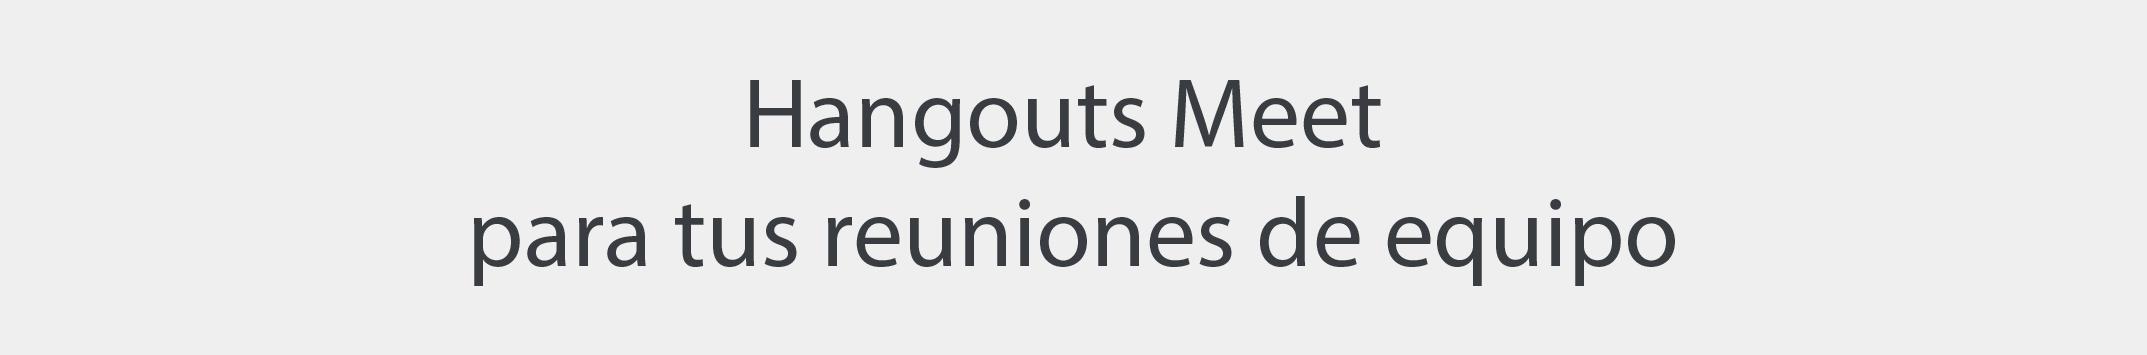 Hangouts Meet para tus reuniones de equipo